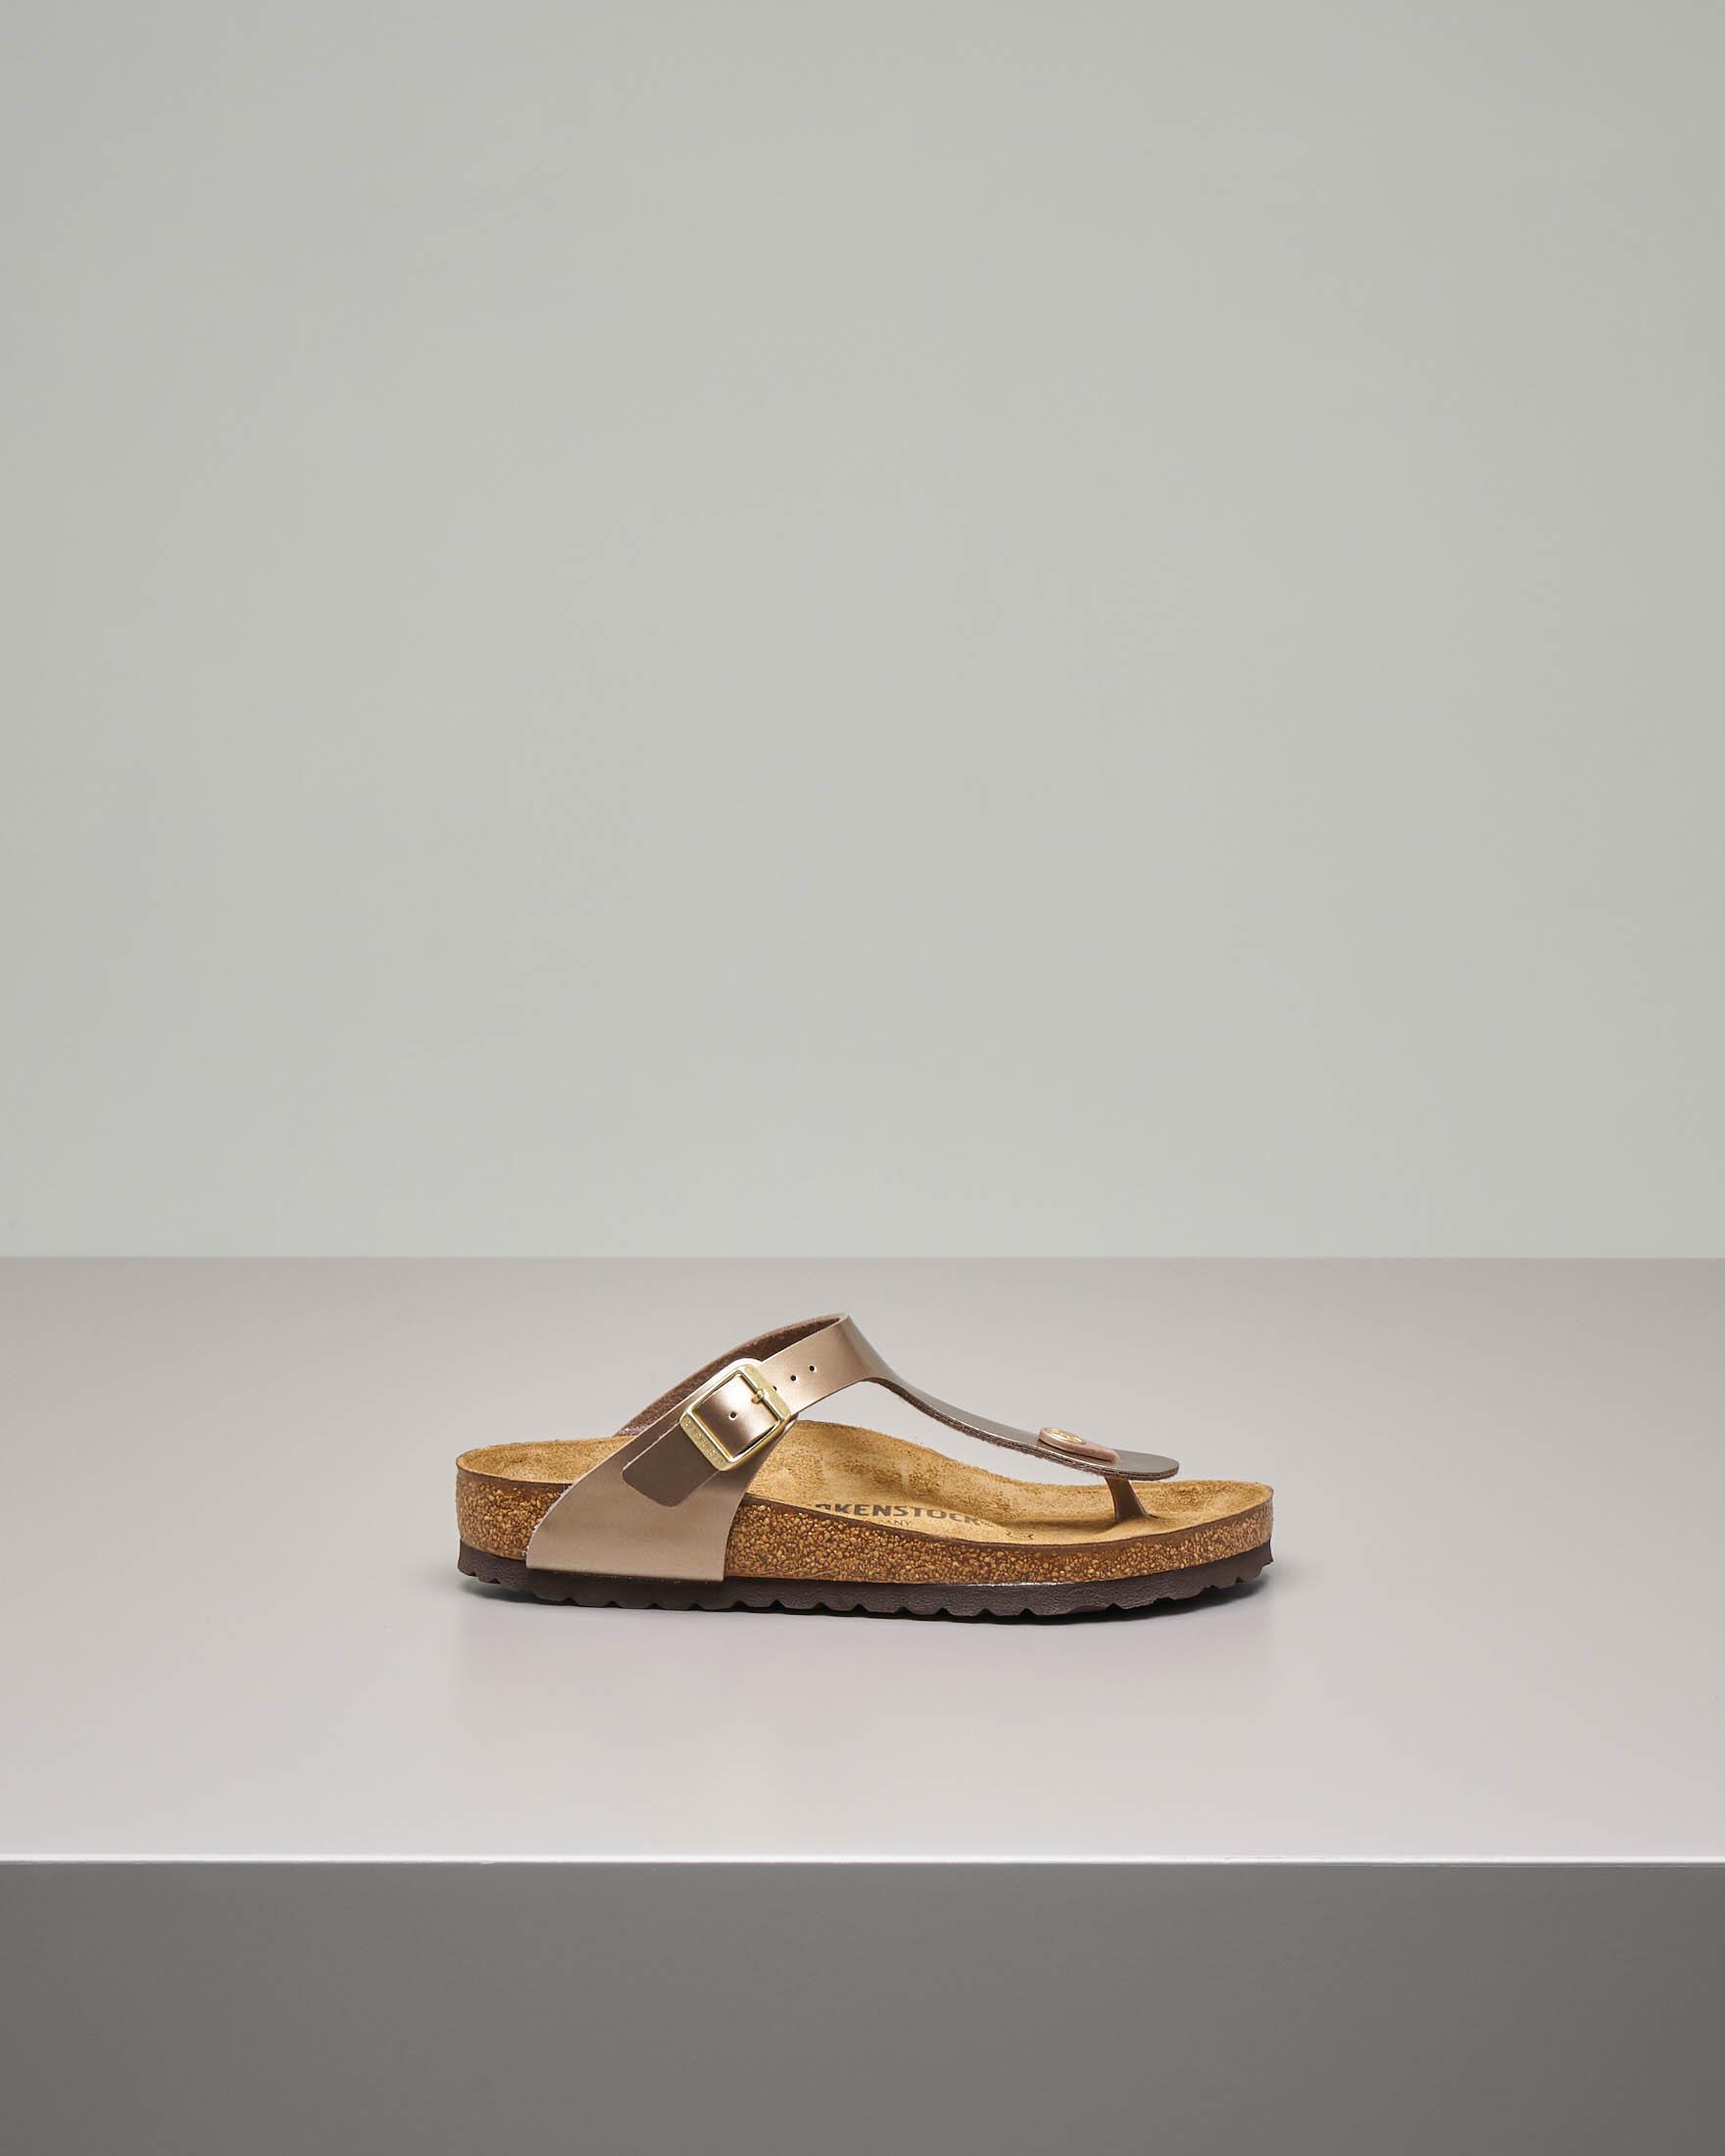 Sandalo infradito Gizeh in pelle color taupe effetto laminato